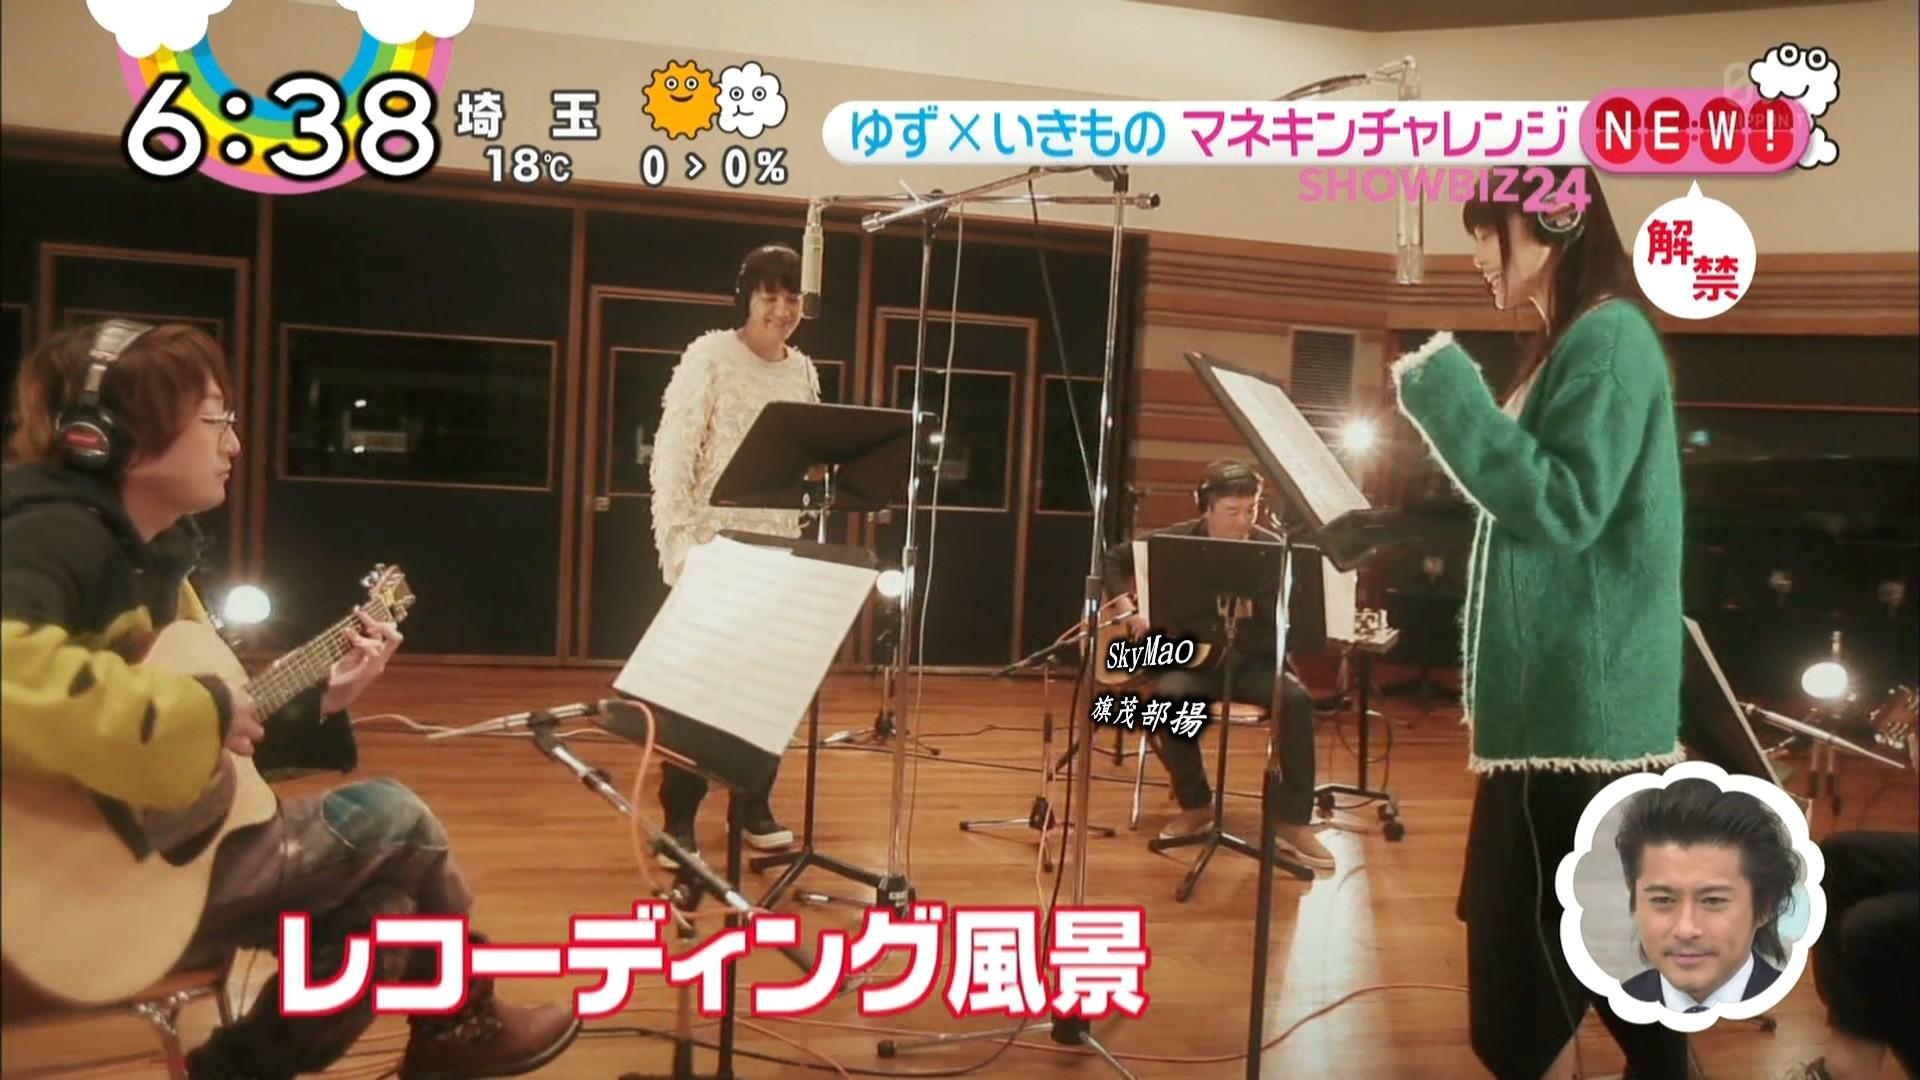 2017.04.12 ゆず&いきもの マネキン挑戦(ZIP!).ts_20170412_081250.553